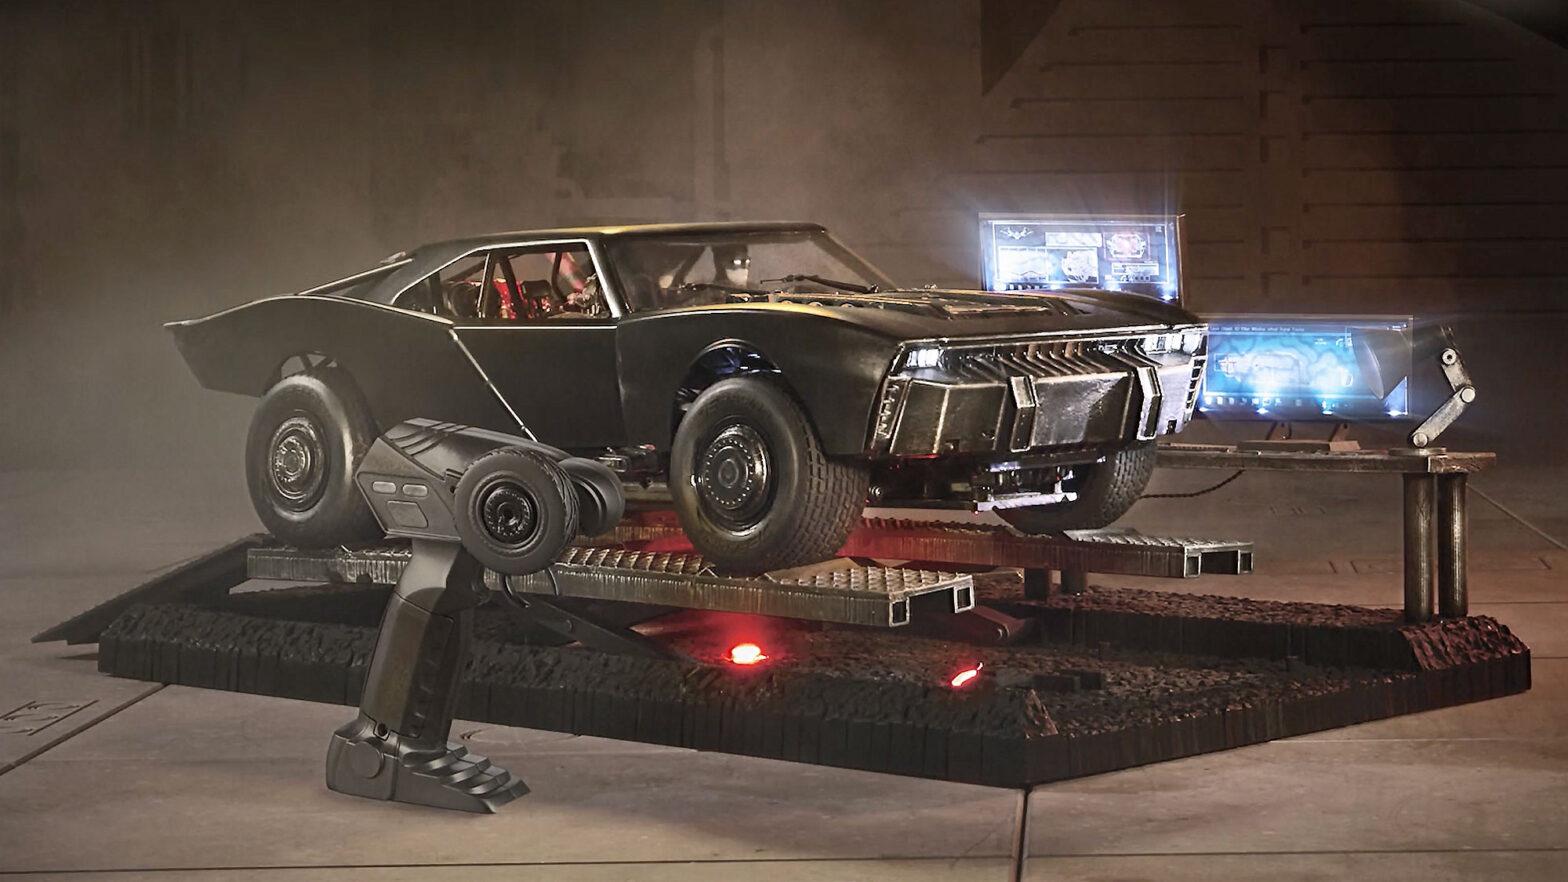 Hot Wheels RC The Batman Batmobile RC Car